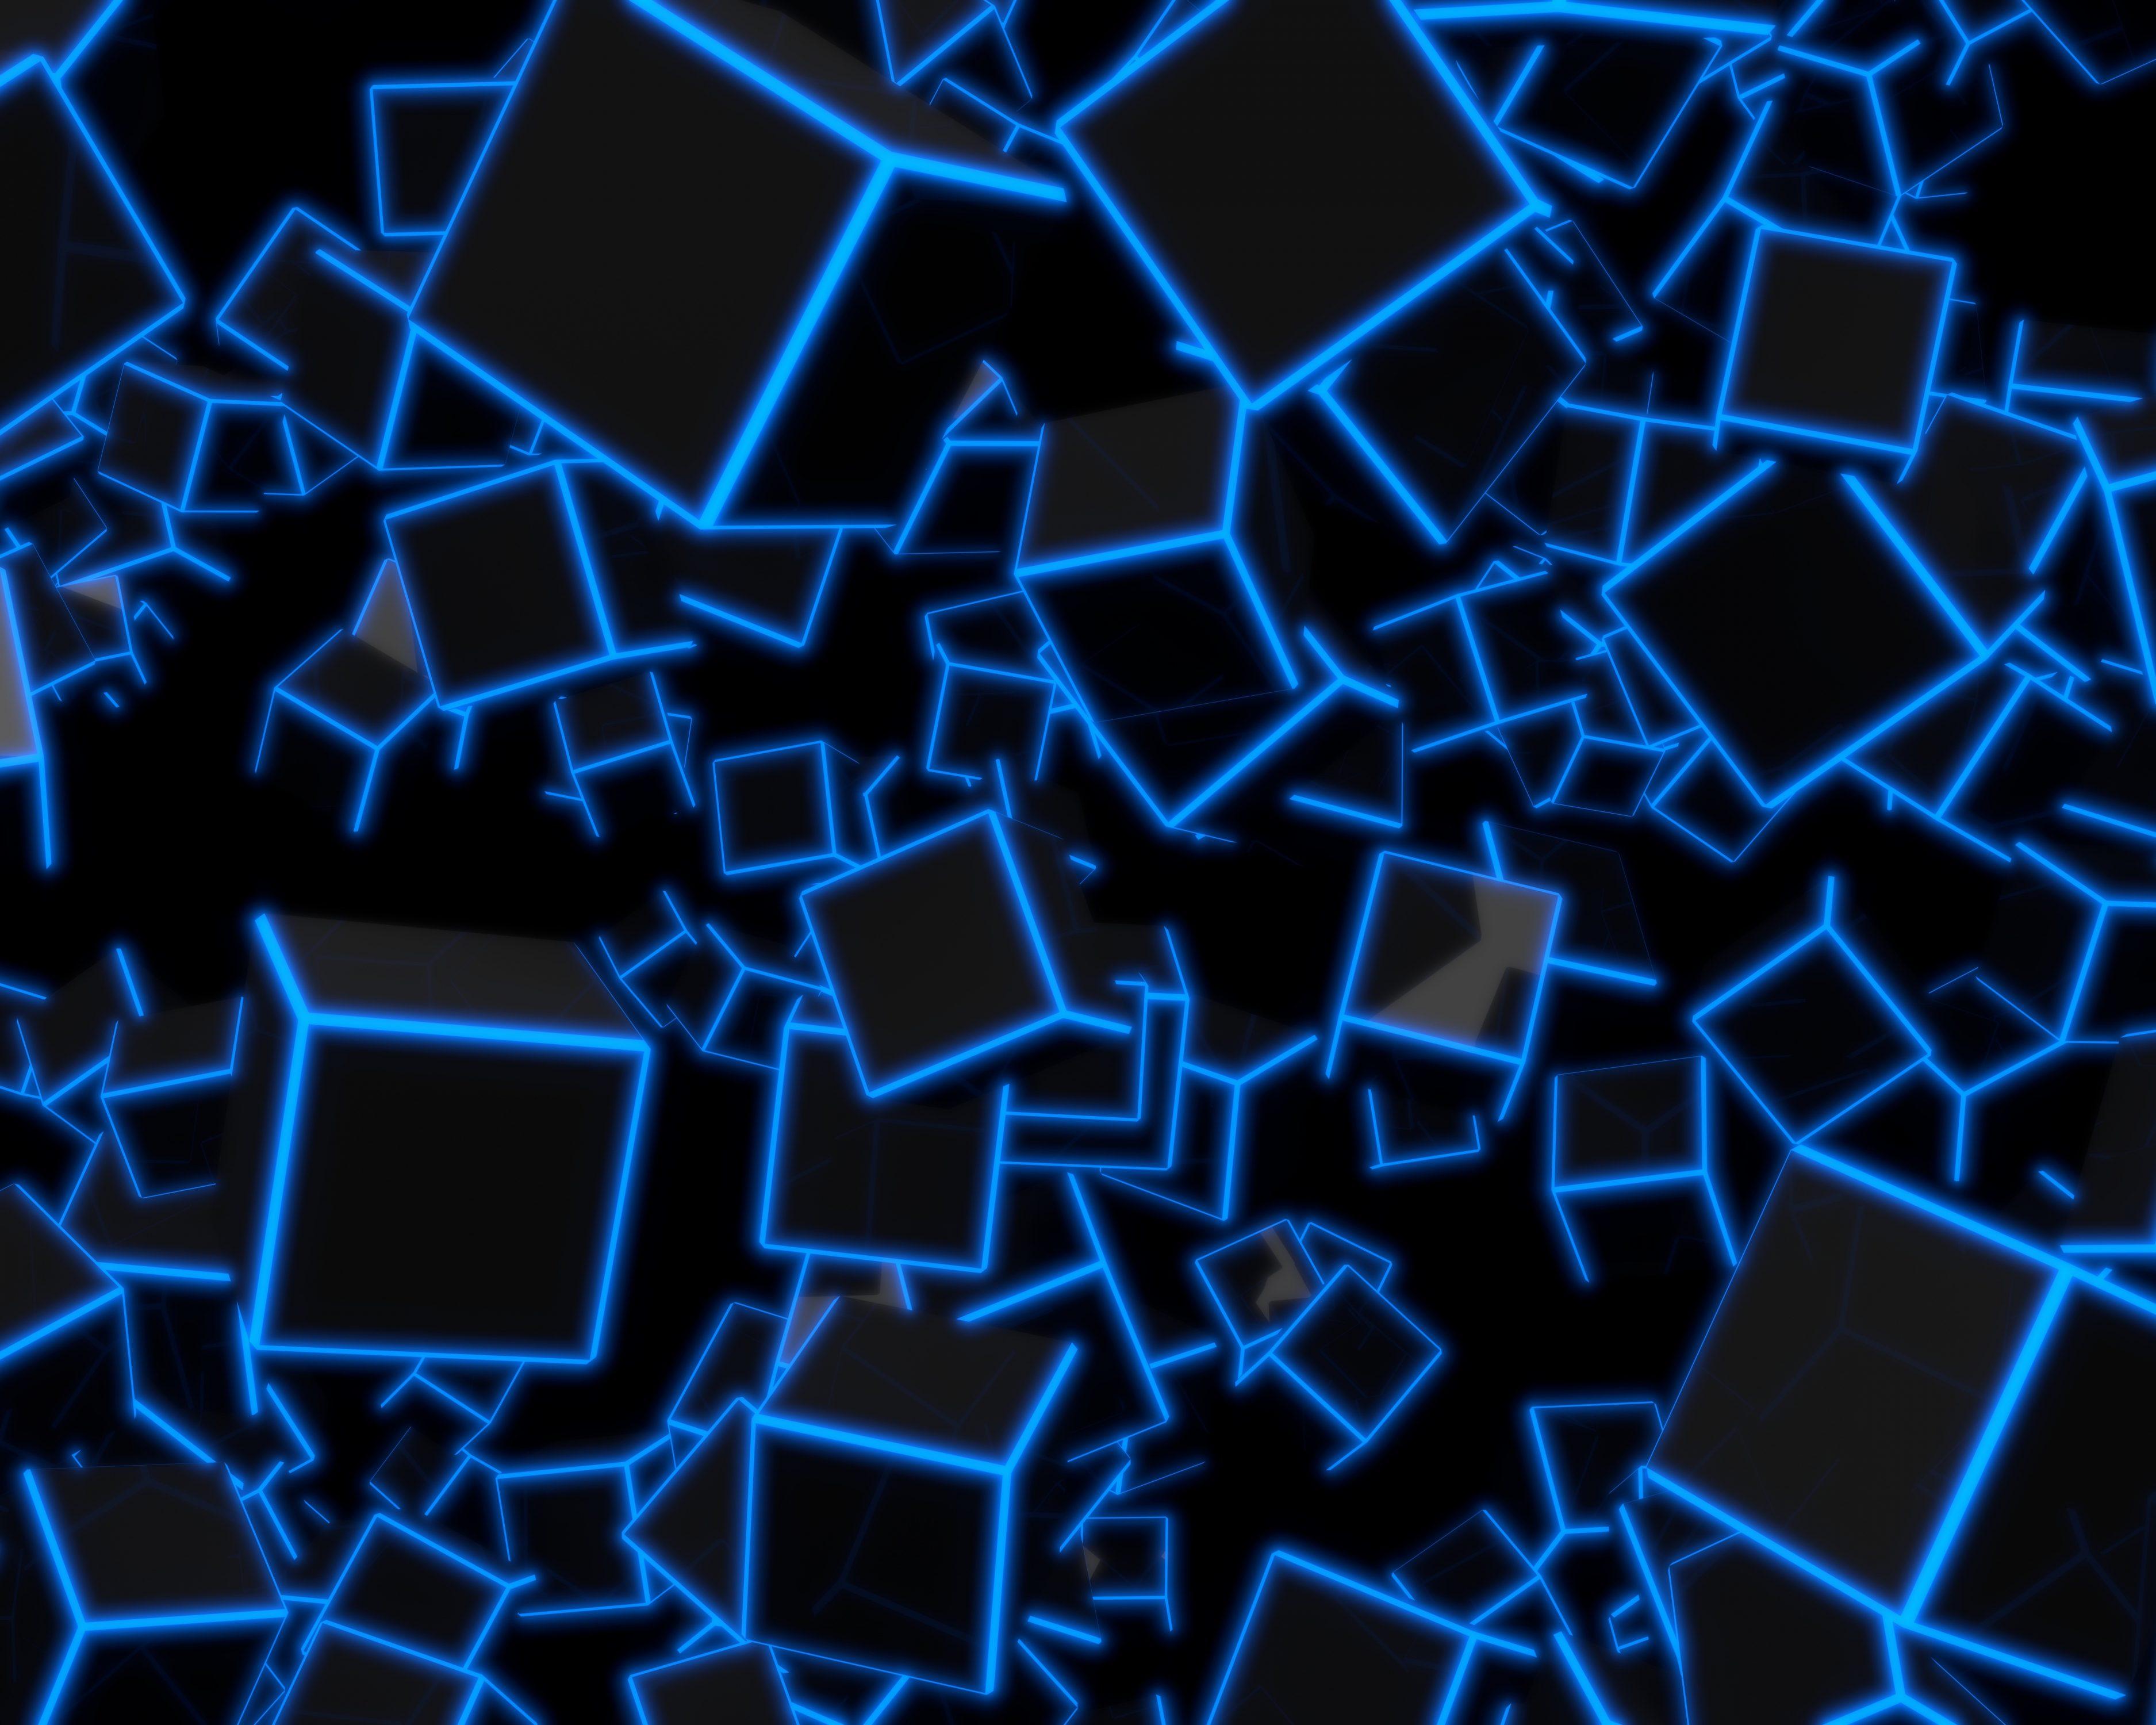 3d Blue Neon Cubes 8k Uhd Wallpaper